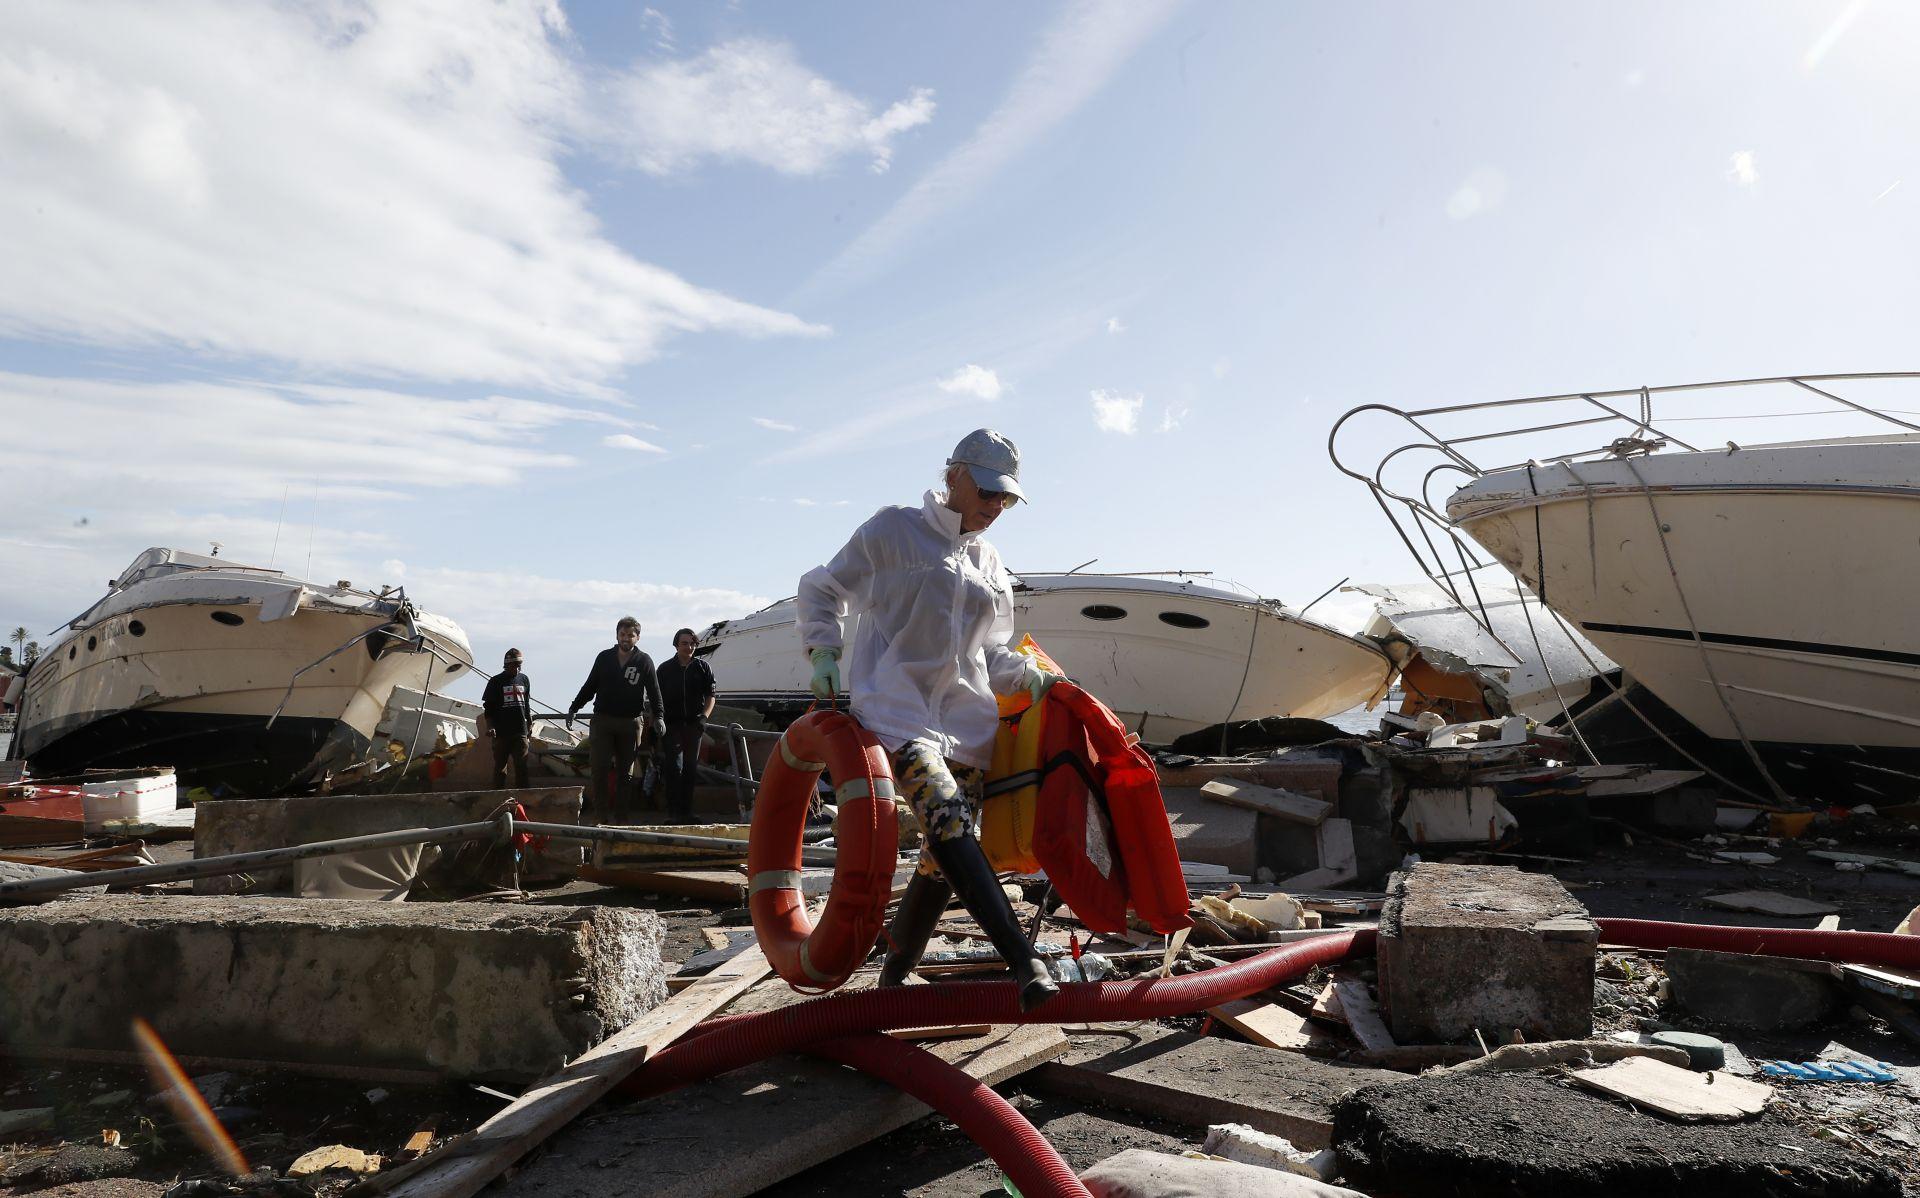 Почистват отломки от яхти и лодки, които бяха  отнесени на брега след буря в град Рапало, Северна Италия